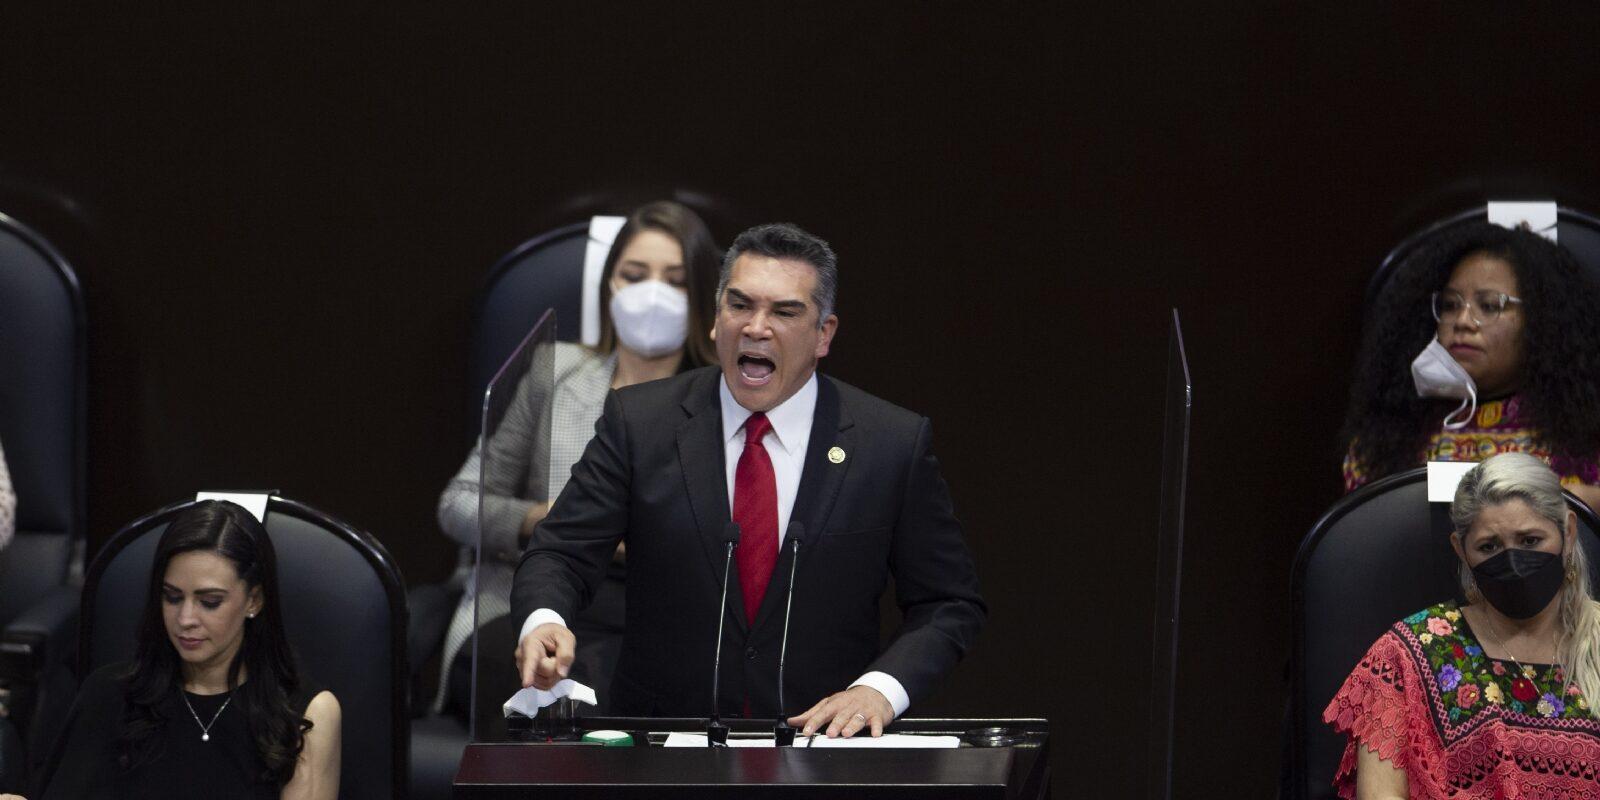 'Al PRI nadie lo presiona, ni el gobierno ni nadie': Alito rechaza declaraciones de Claudia Ruiz Massieu